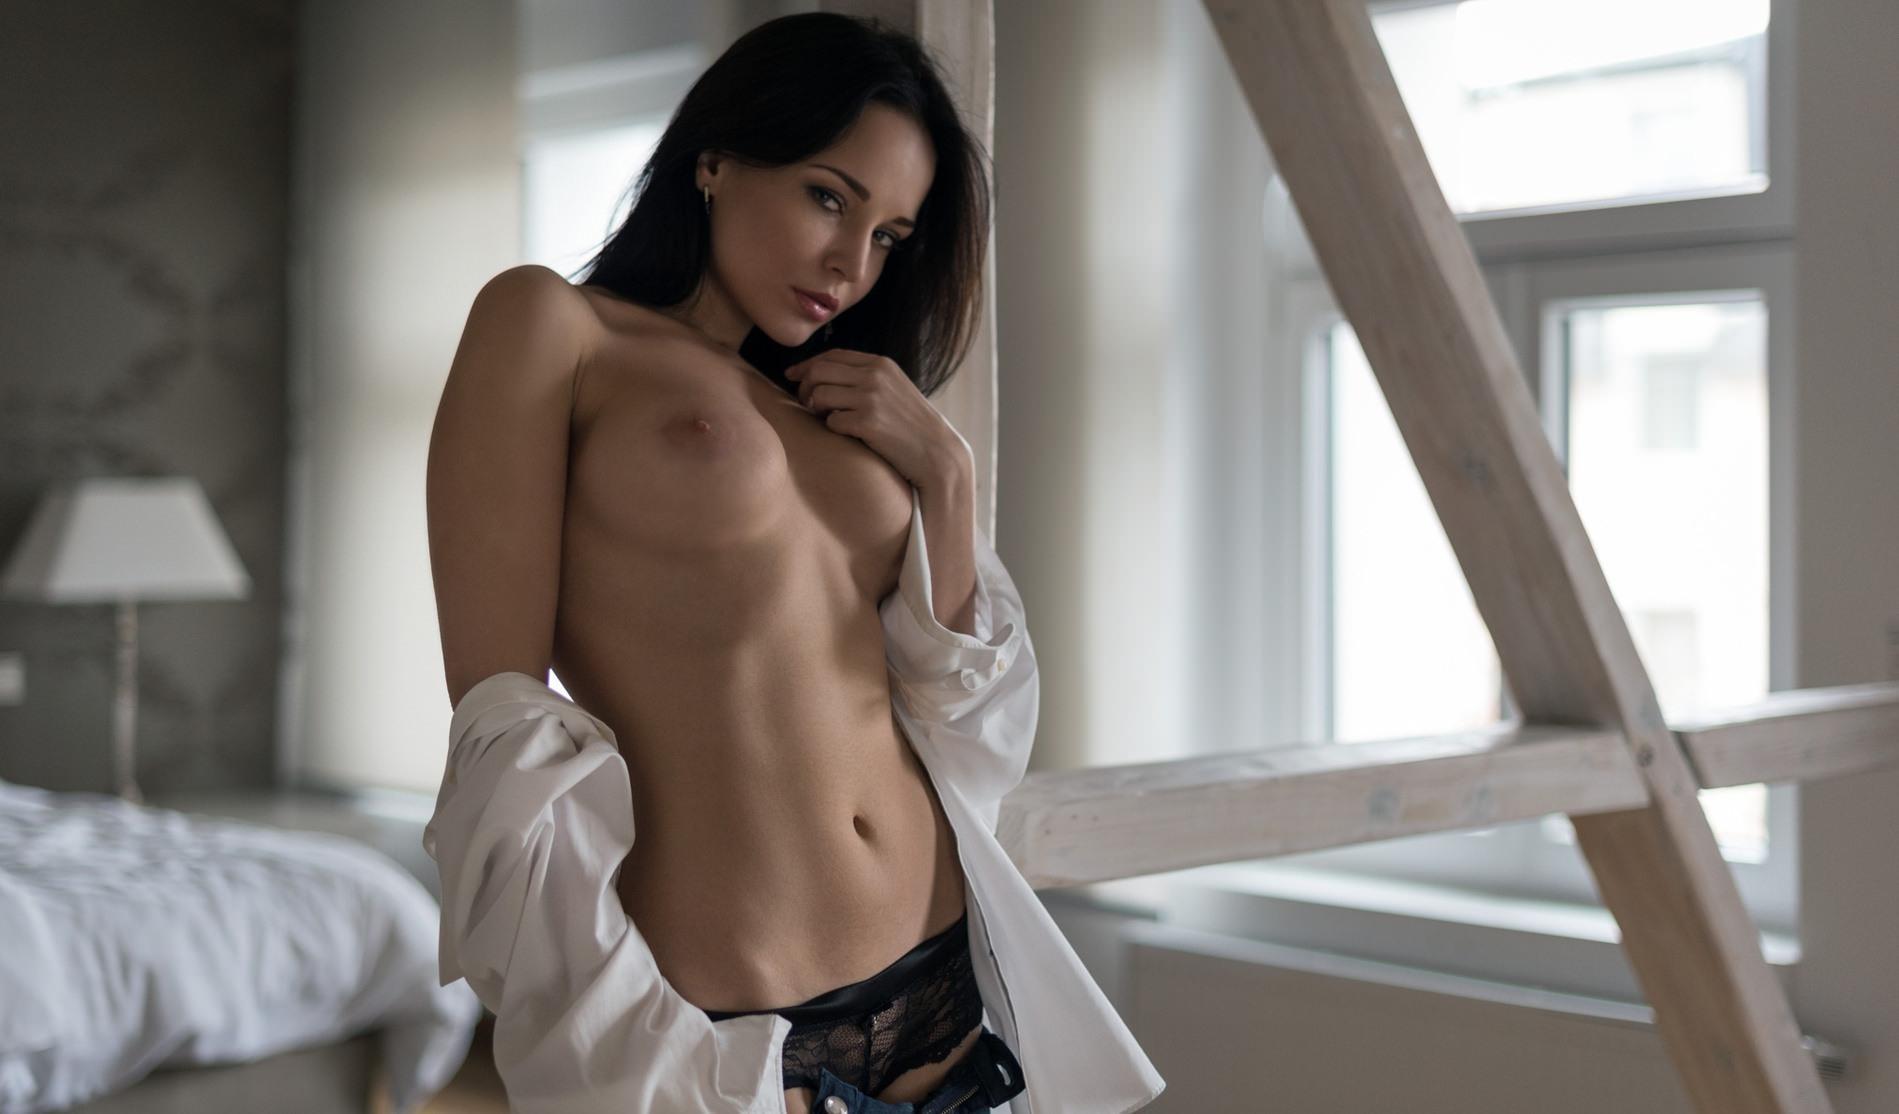 Фото Соблазнительная девушка эротично оголила грудь, ласкает сиську, сняла рубашку, животик, пупок, спальня, соблазнительный взгляд, скачать картинку бесплатно